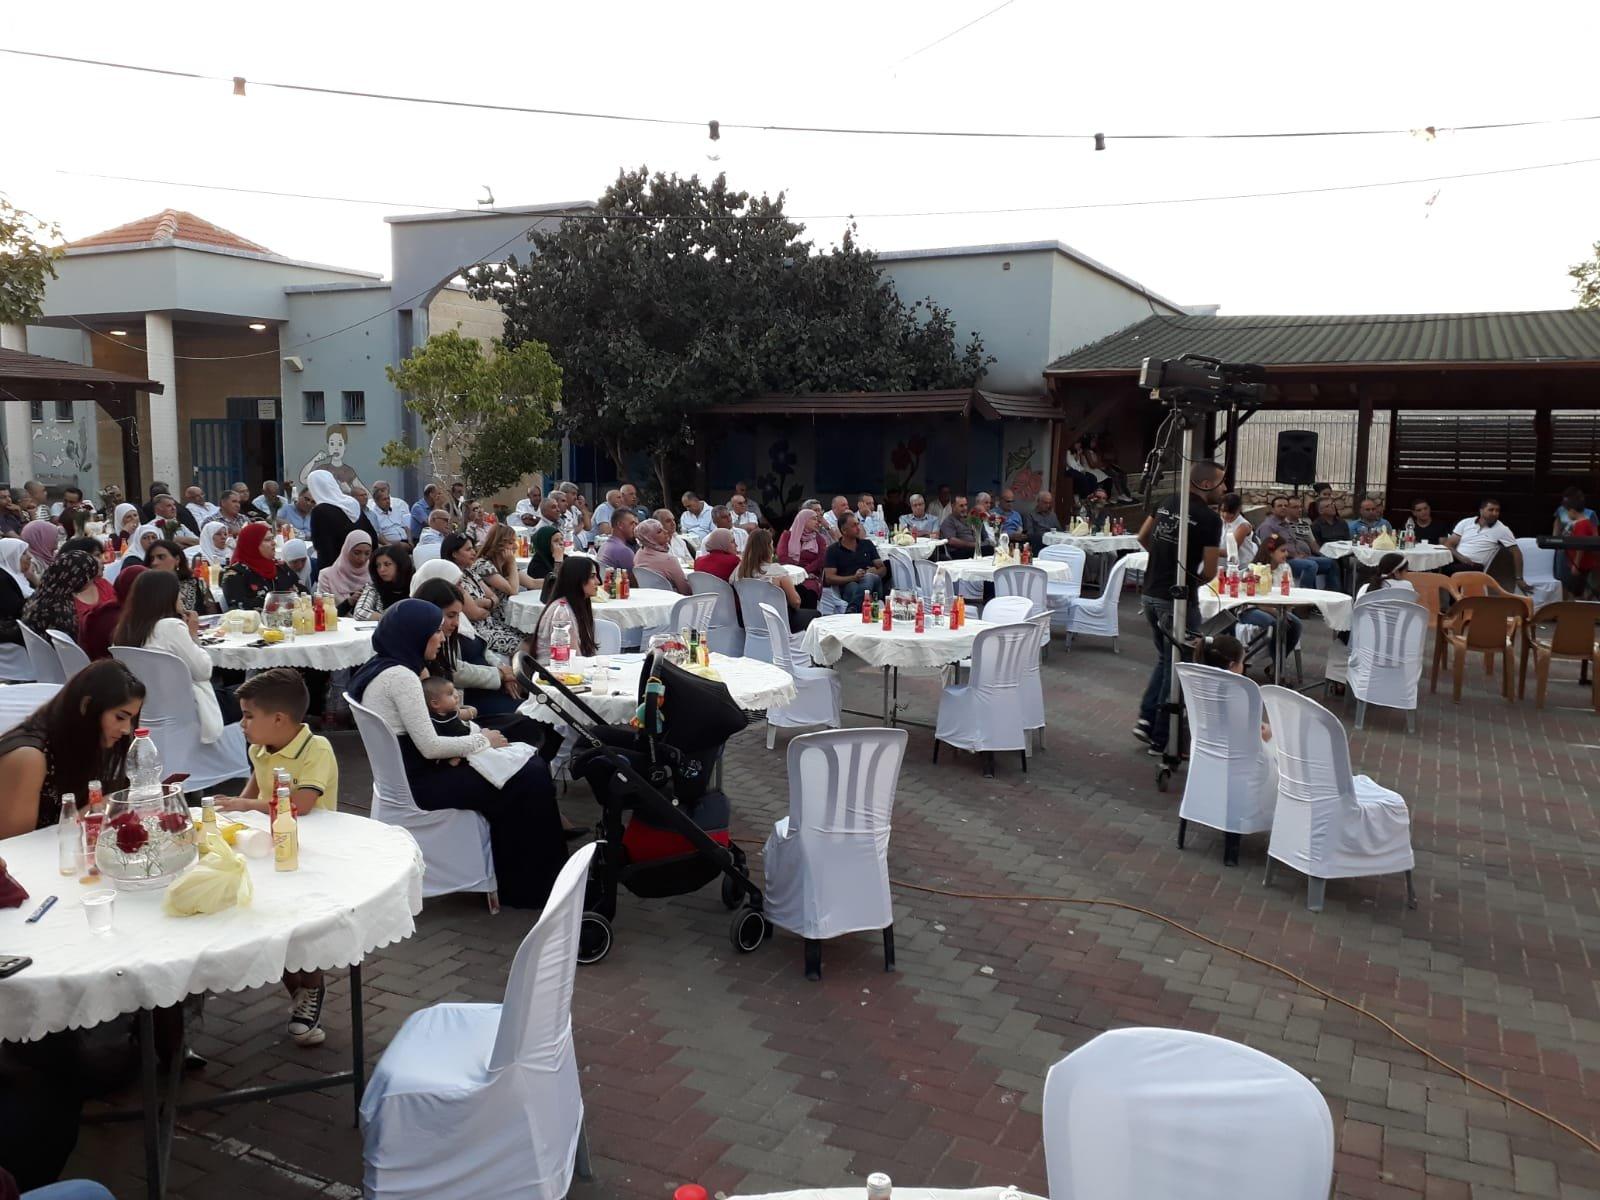 بحفل مؤثر ومميز تنظمه اسرة البيروني بعرابة لمدير المدرسة الاستاذ هاشم شمالي